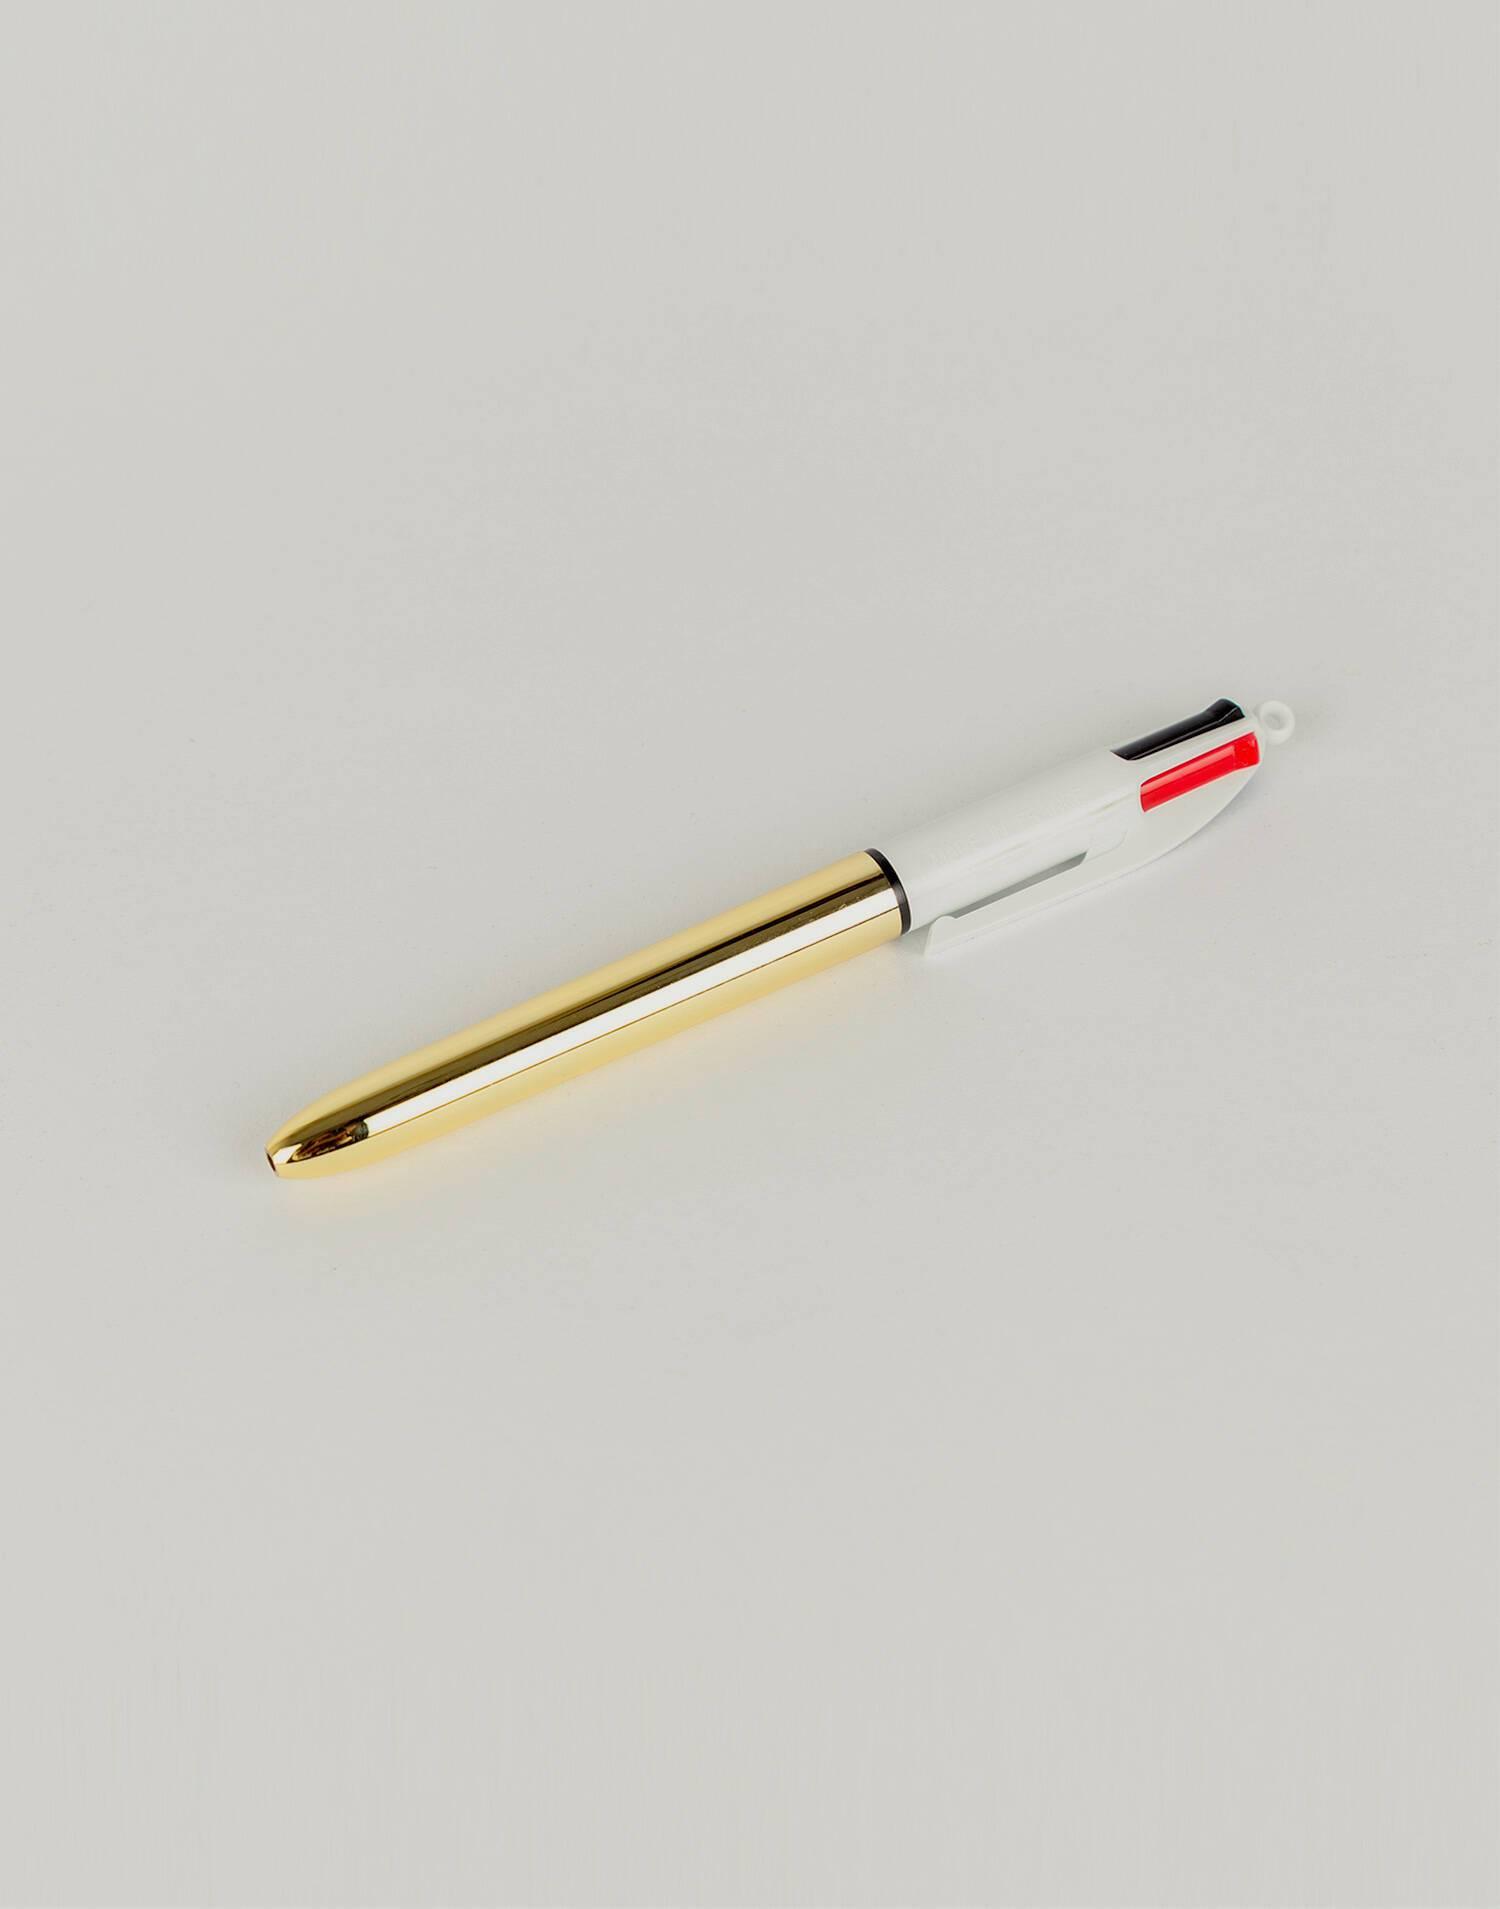 Bic pen 4 colors